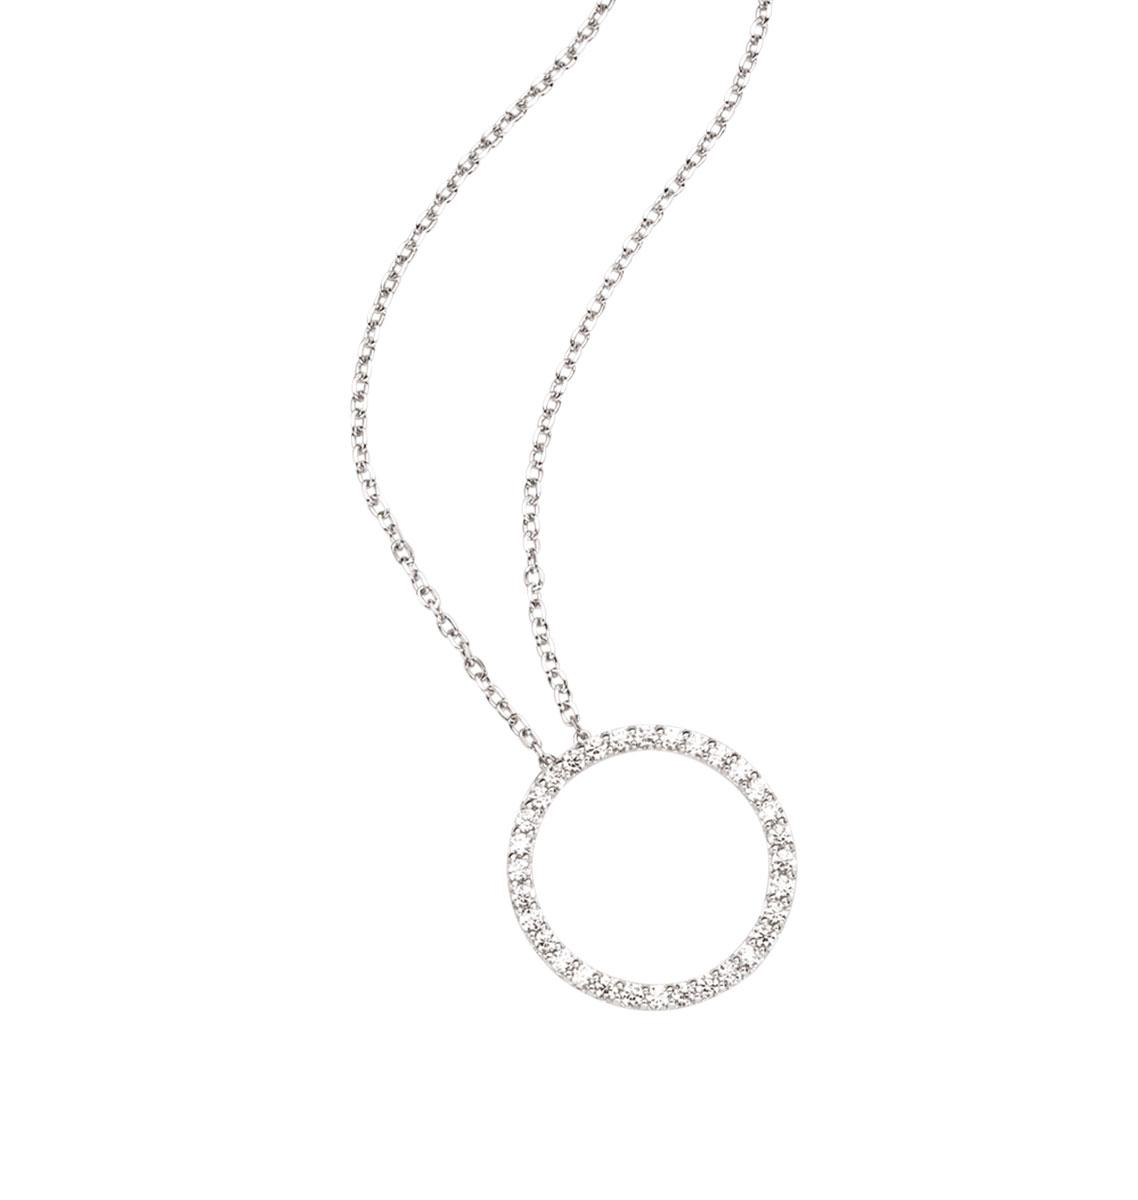 bijoux femme paiement par cheque